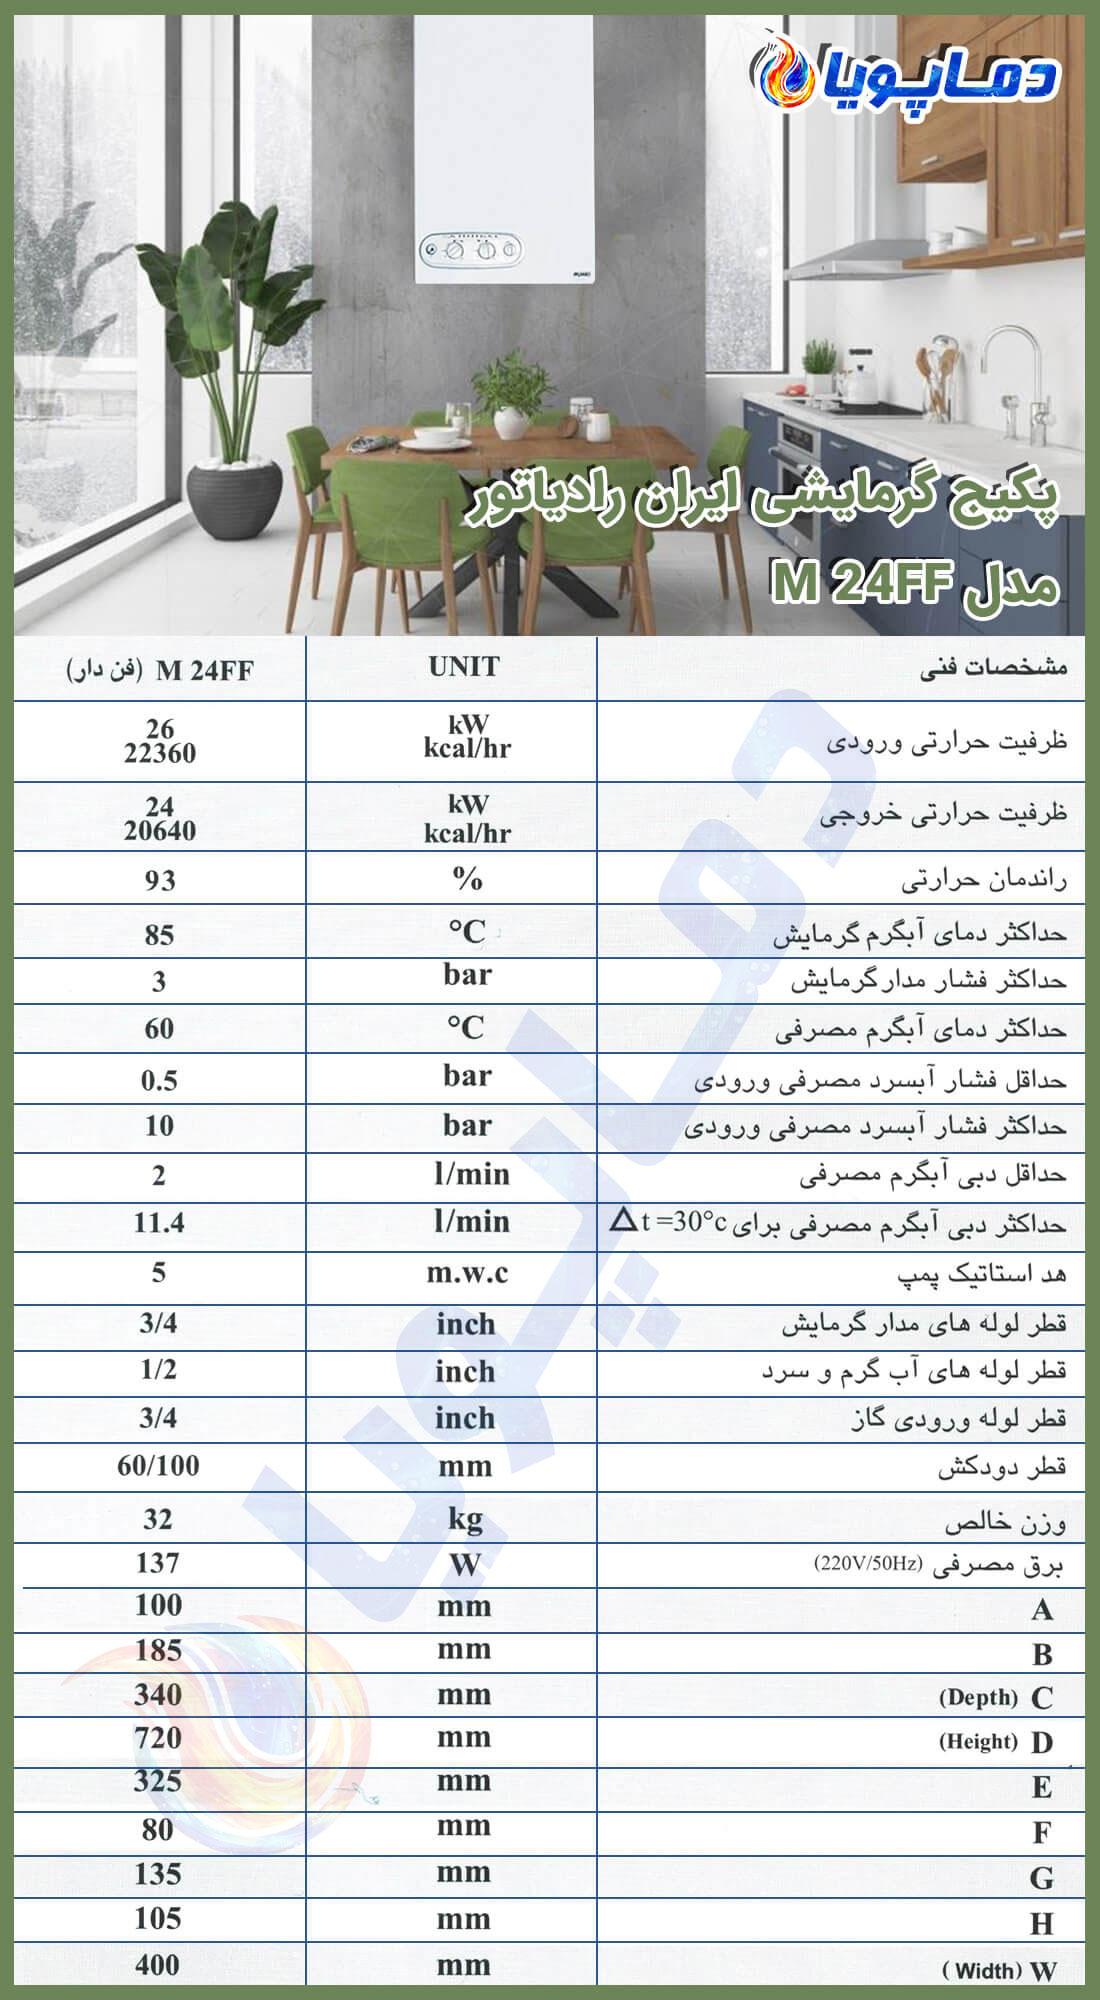 کاتالوگ پکیج ایران رادیاتور مدل M24FF